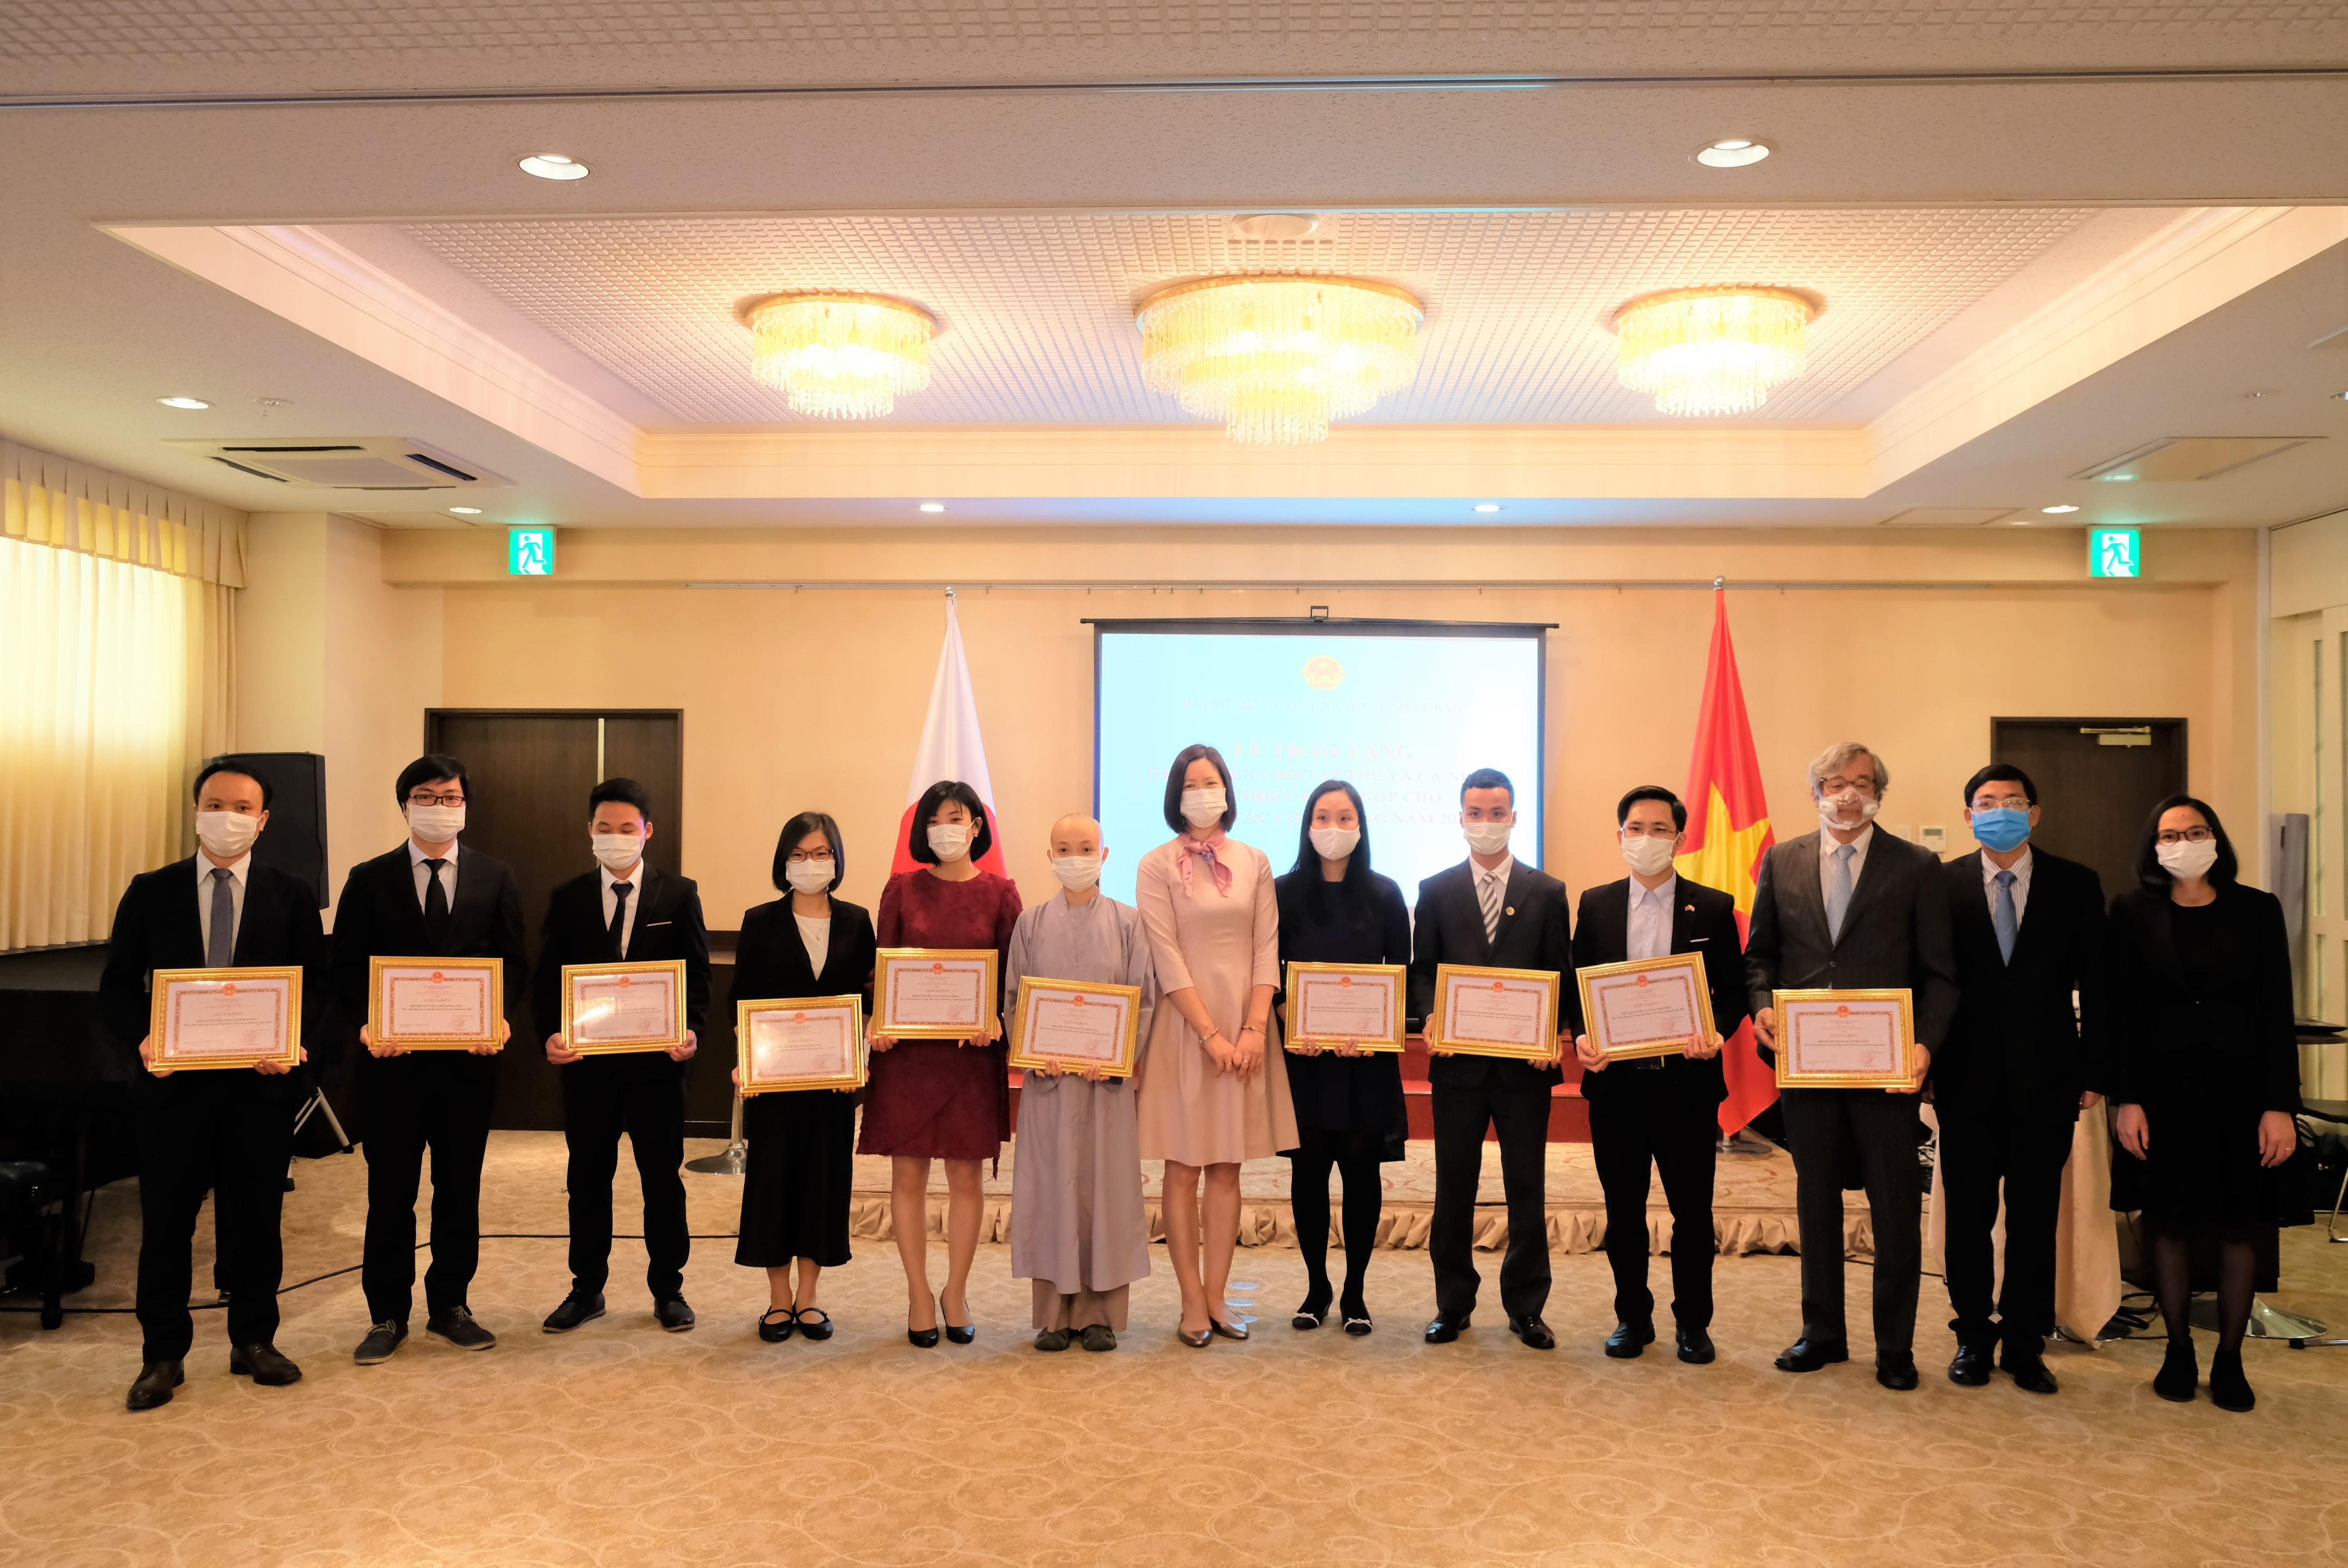 Lễ trao giấy khen cho các tập thể và cá nhân người Việt có nhiều đóng góp tích cự cho công tác cộng đồng năm 2020